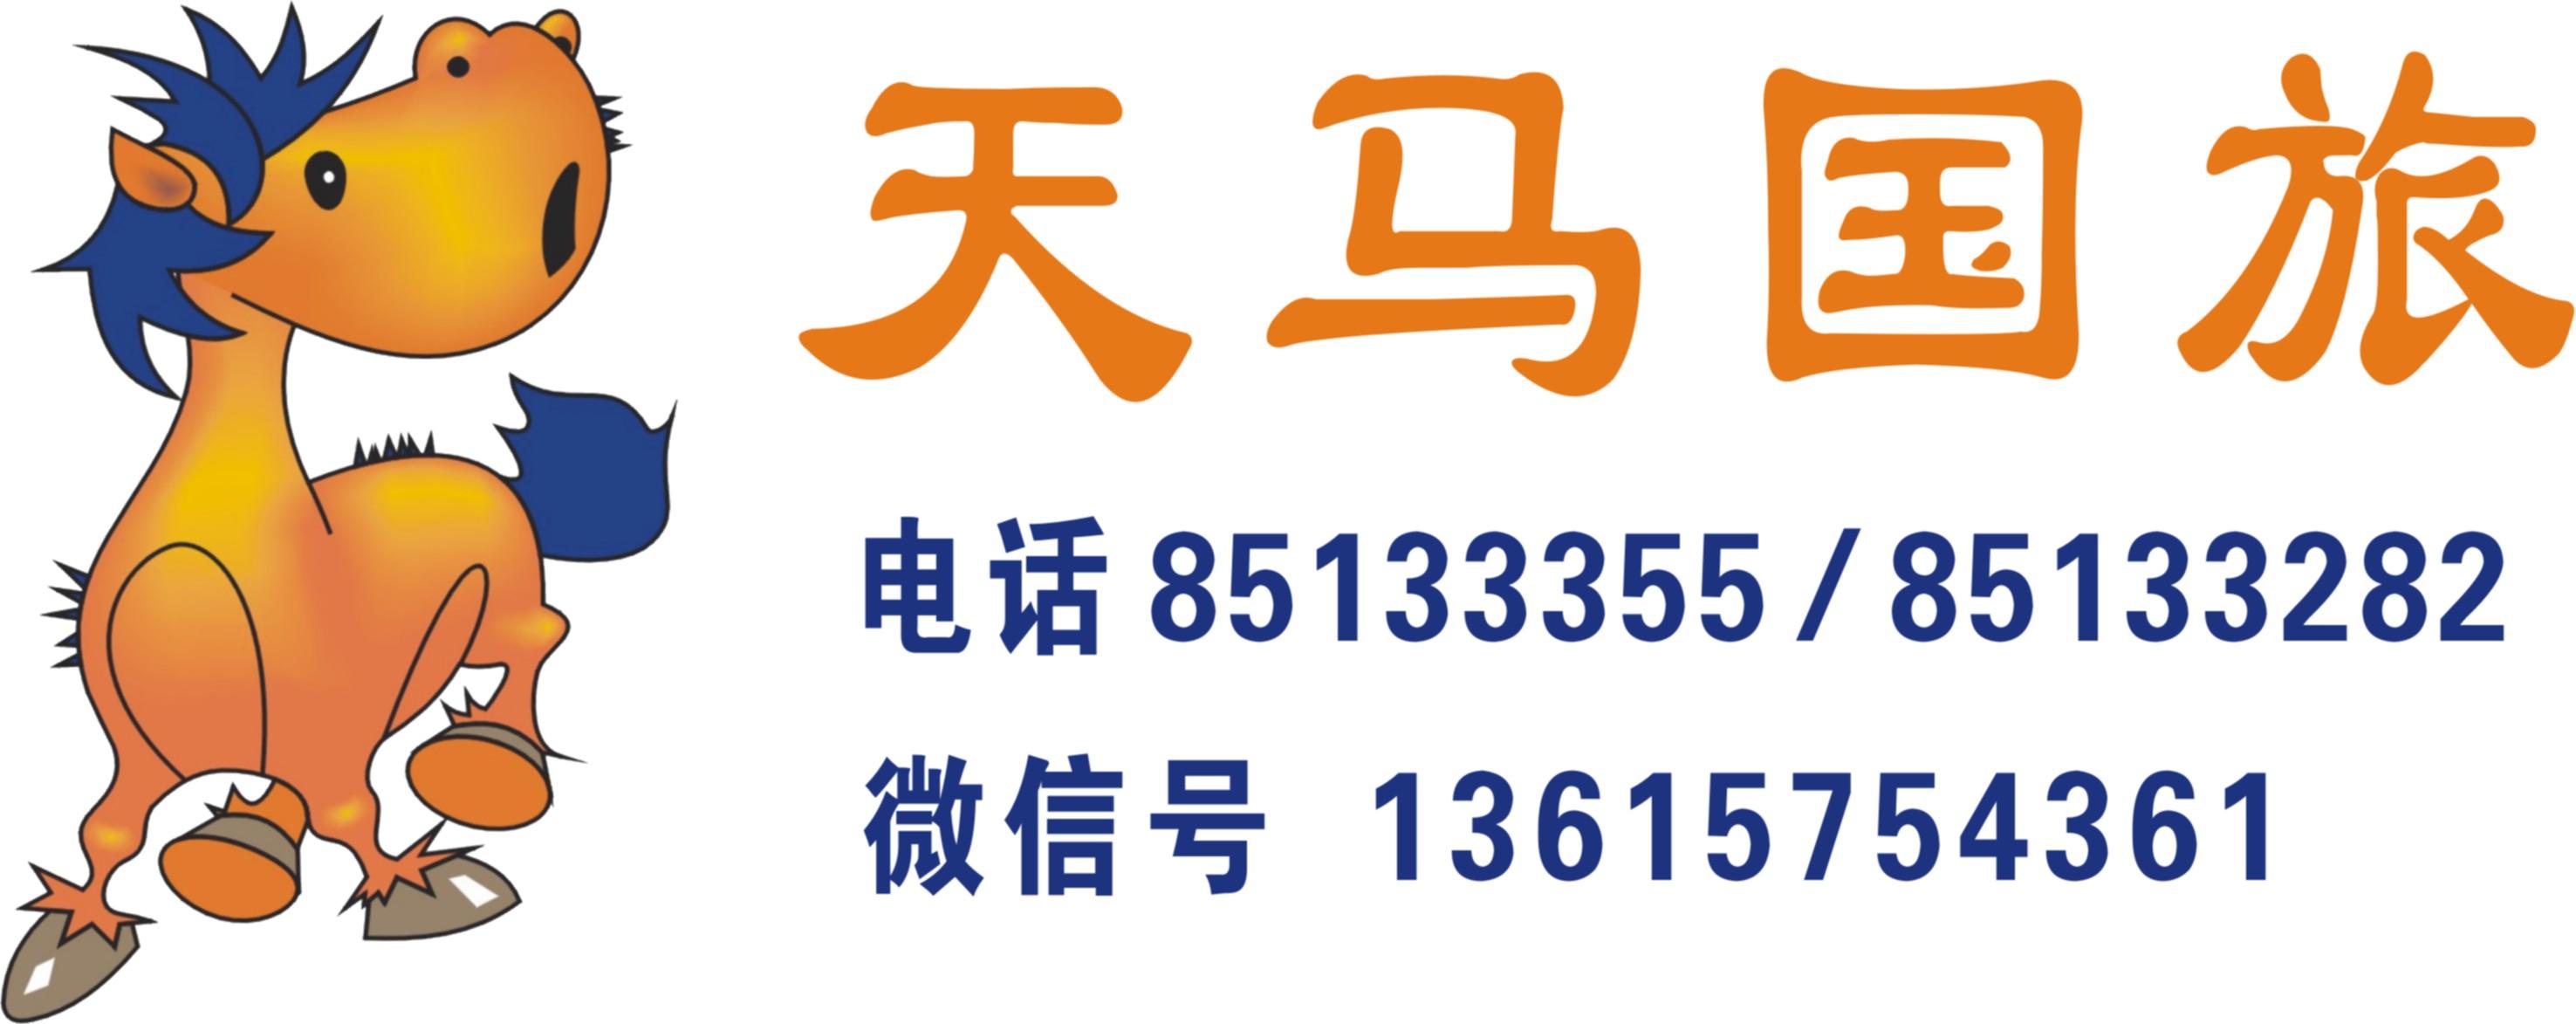 3月【酋长定制-腾冲双飞6日】4-6人小包团、别克商务车